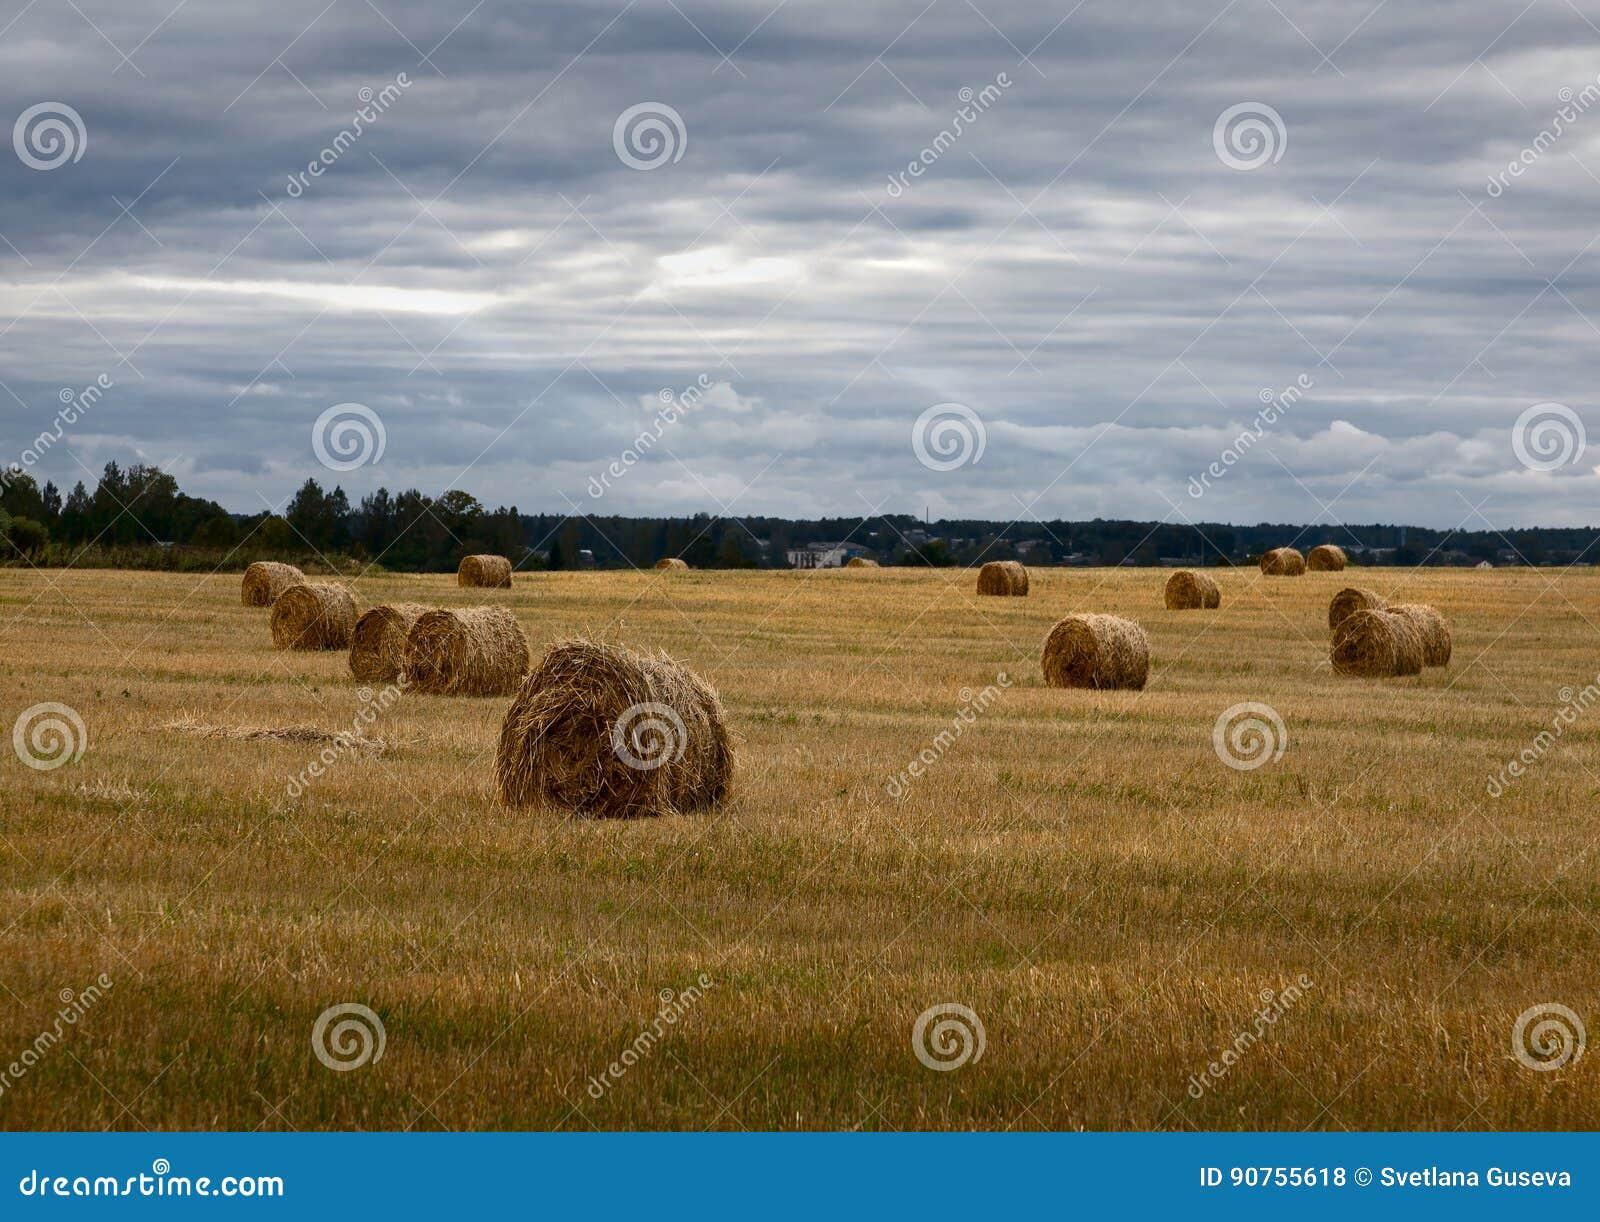 干草堆 俄国域 阴云密布